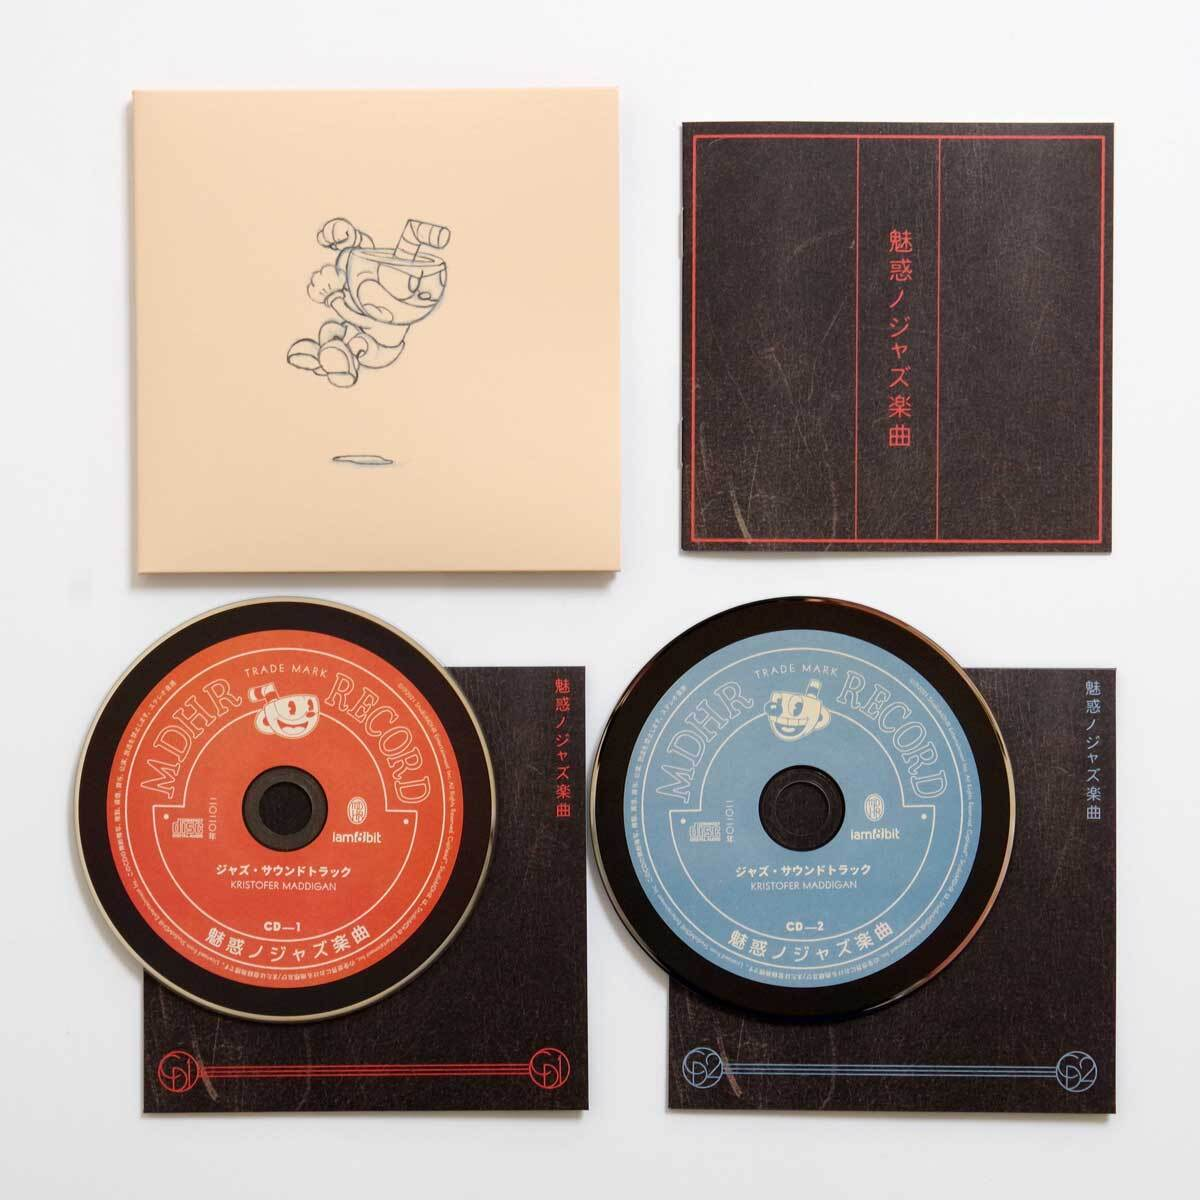 カップヘッド / CUPHEAD『魅惑ノジャズ楽曲』(CD2枚組) / iam8bit